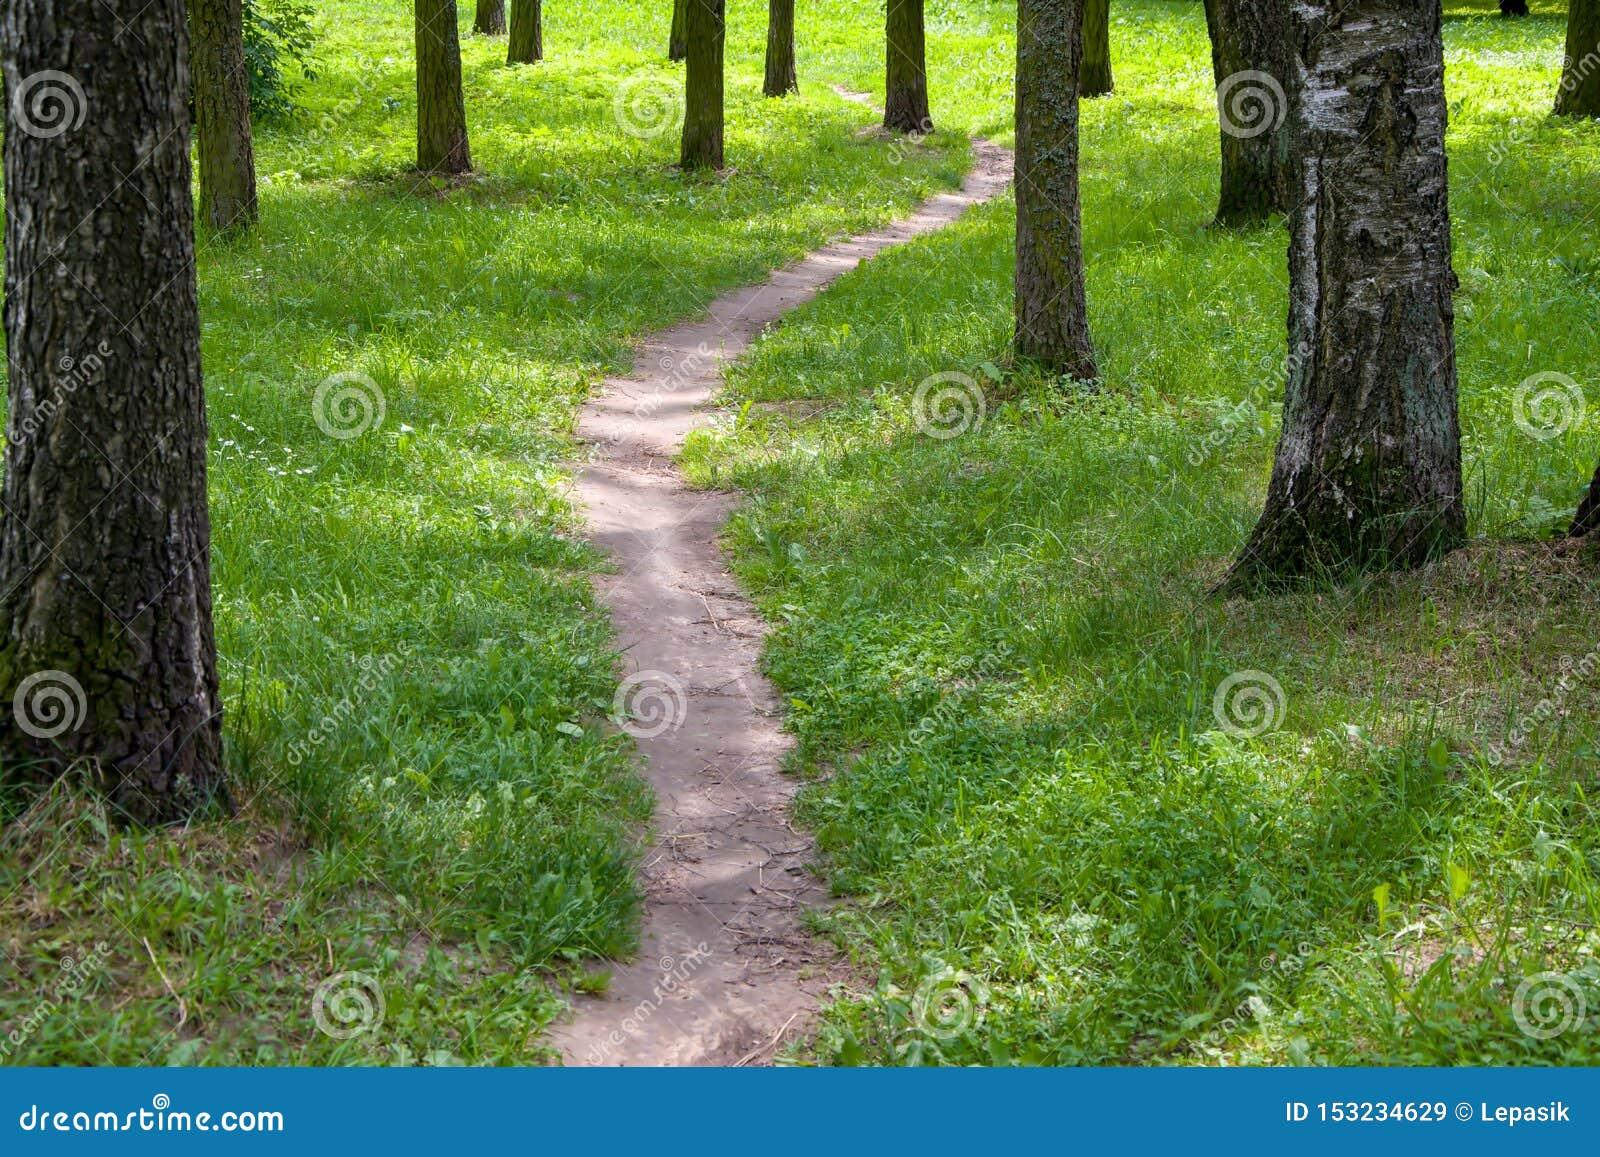 Una trayectoria en el parque entre los árboles, una trayectoria estrecha en el bosque del verano